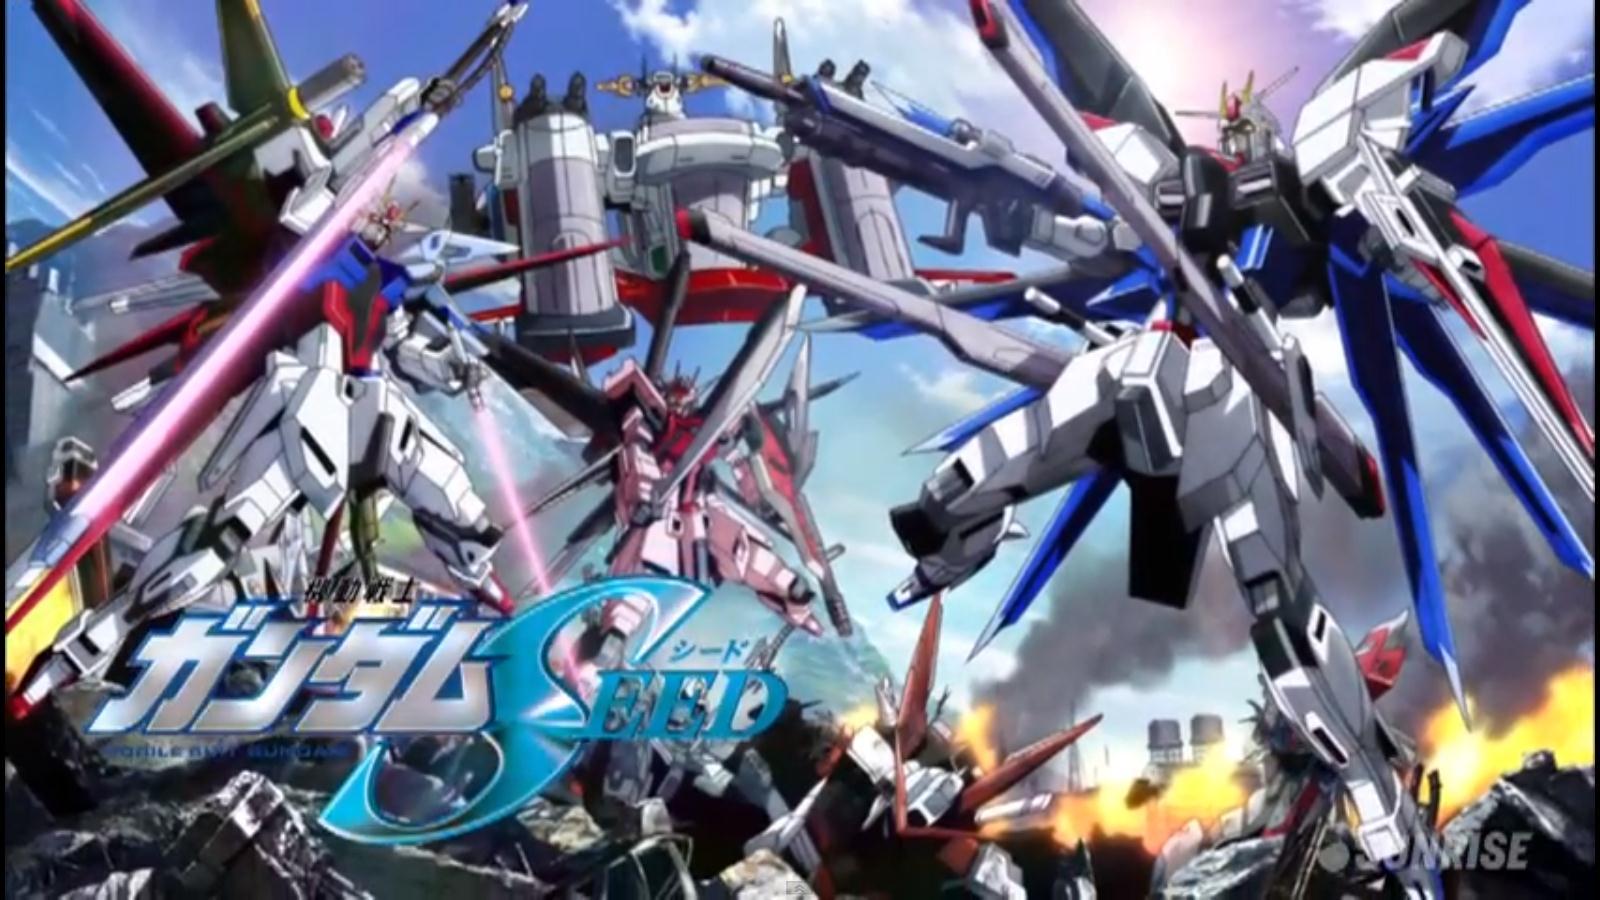 Gundam Seed Wallpaper - WallpaperSafari